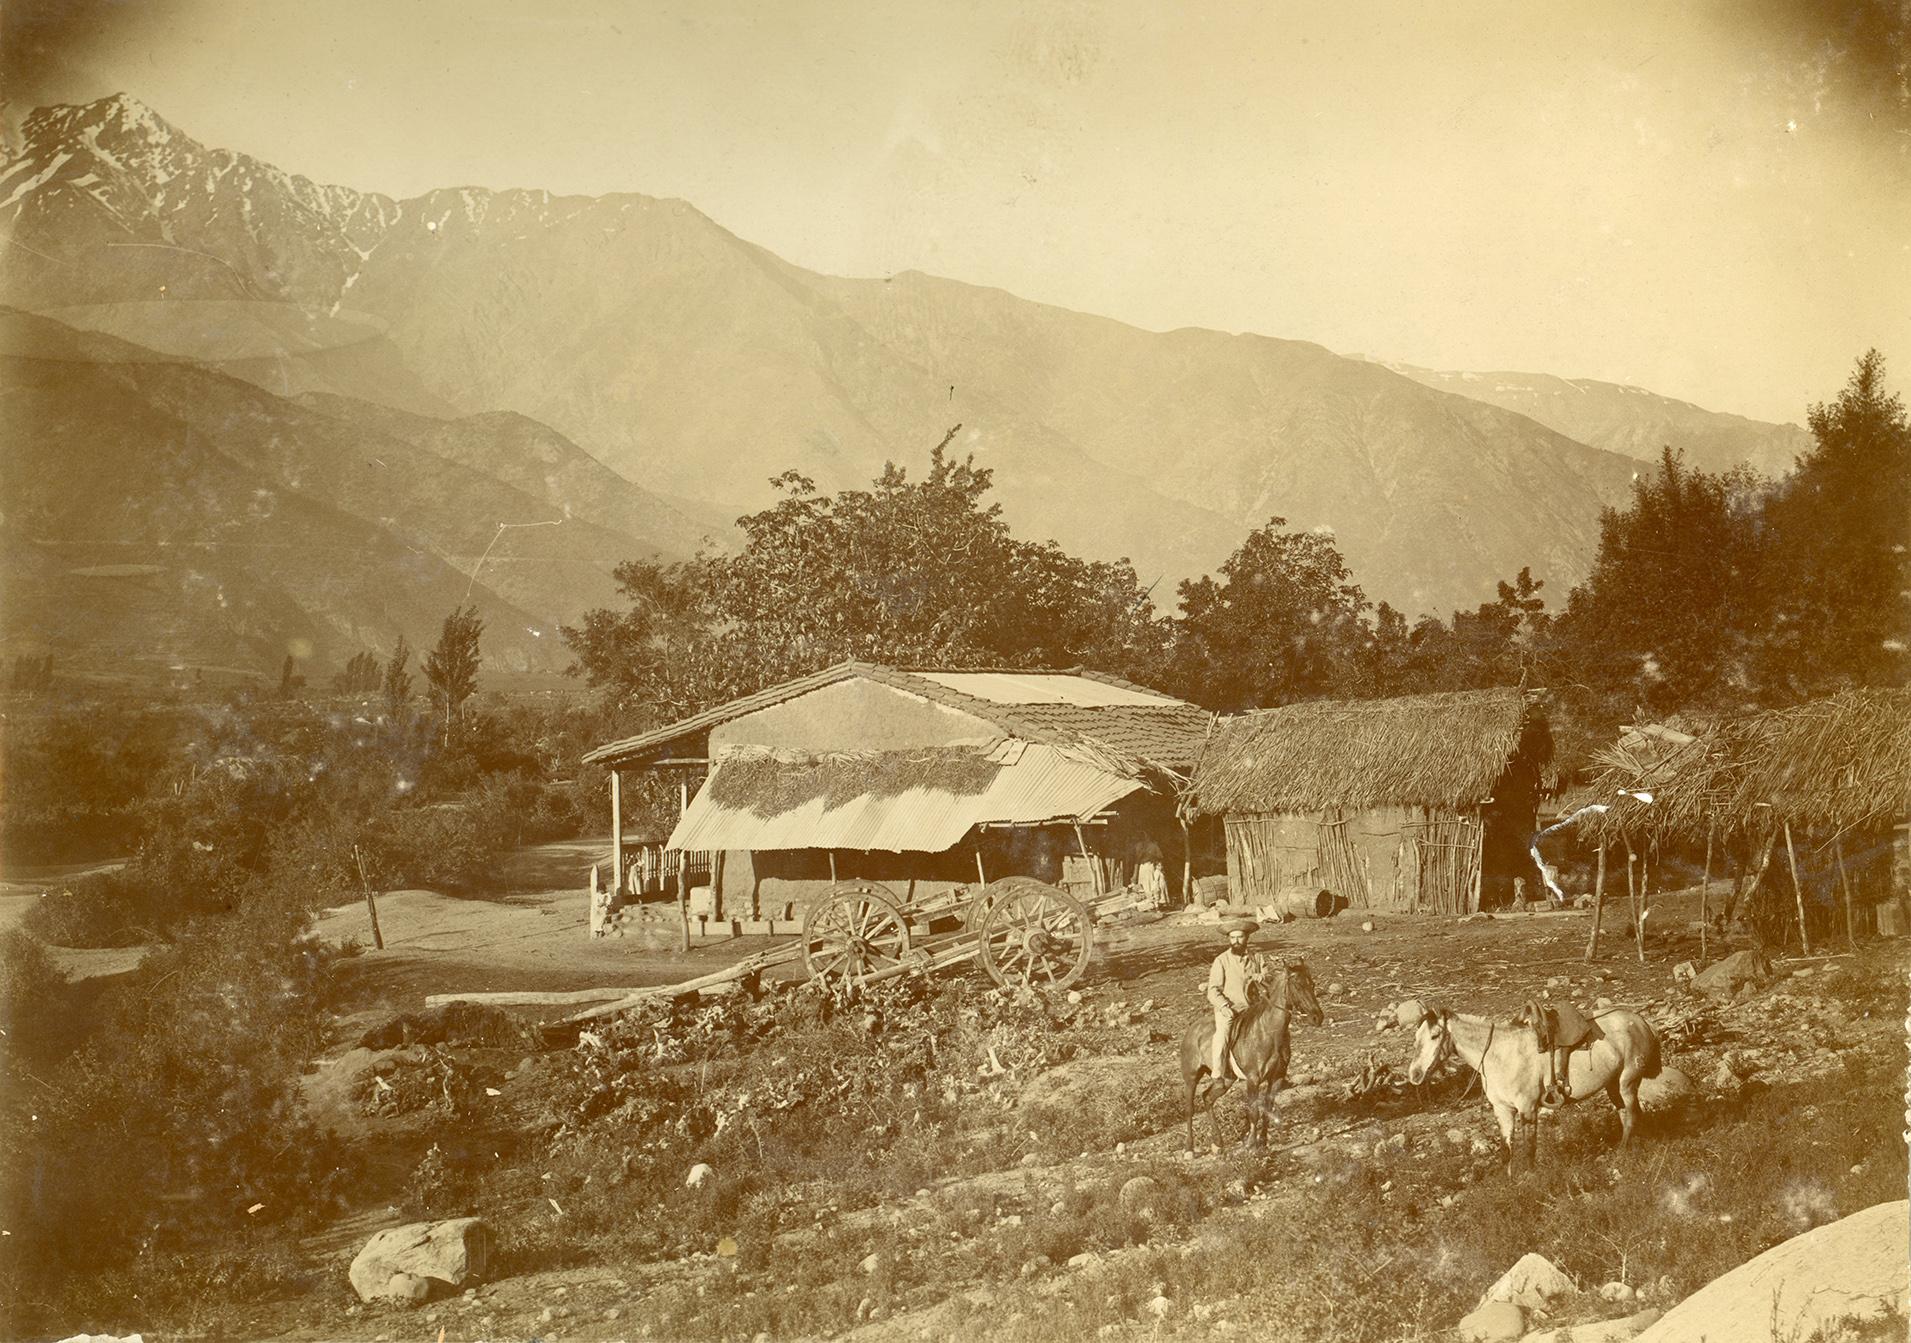 Enterreno - Fotos históricas de chile - fotos antiguas de Chile - Vida en la montaña, ca. 1901